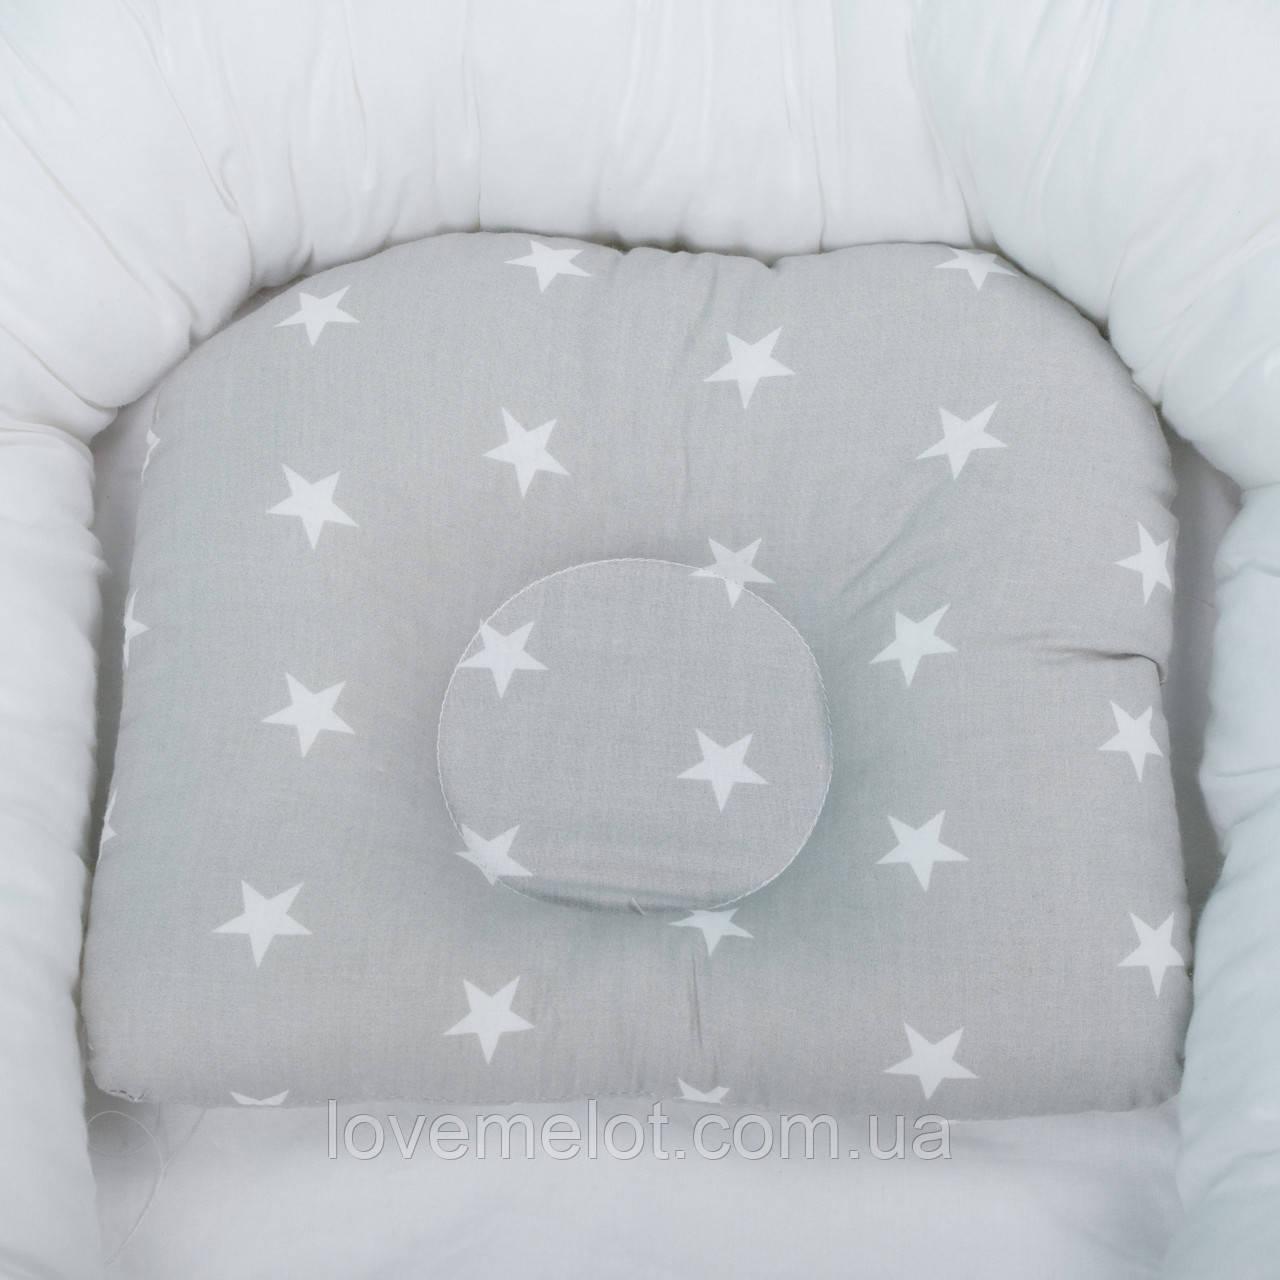 Подушка для новорожденных, детская подушка ортопедическая, подушка в кроватку, подушка в коляску